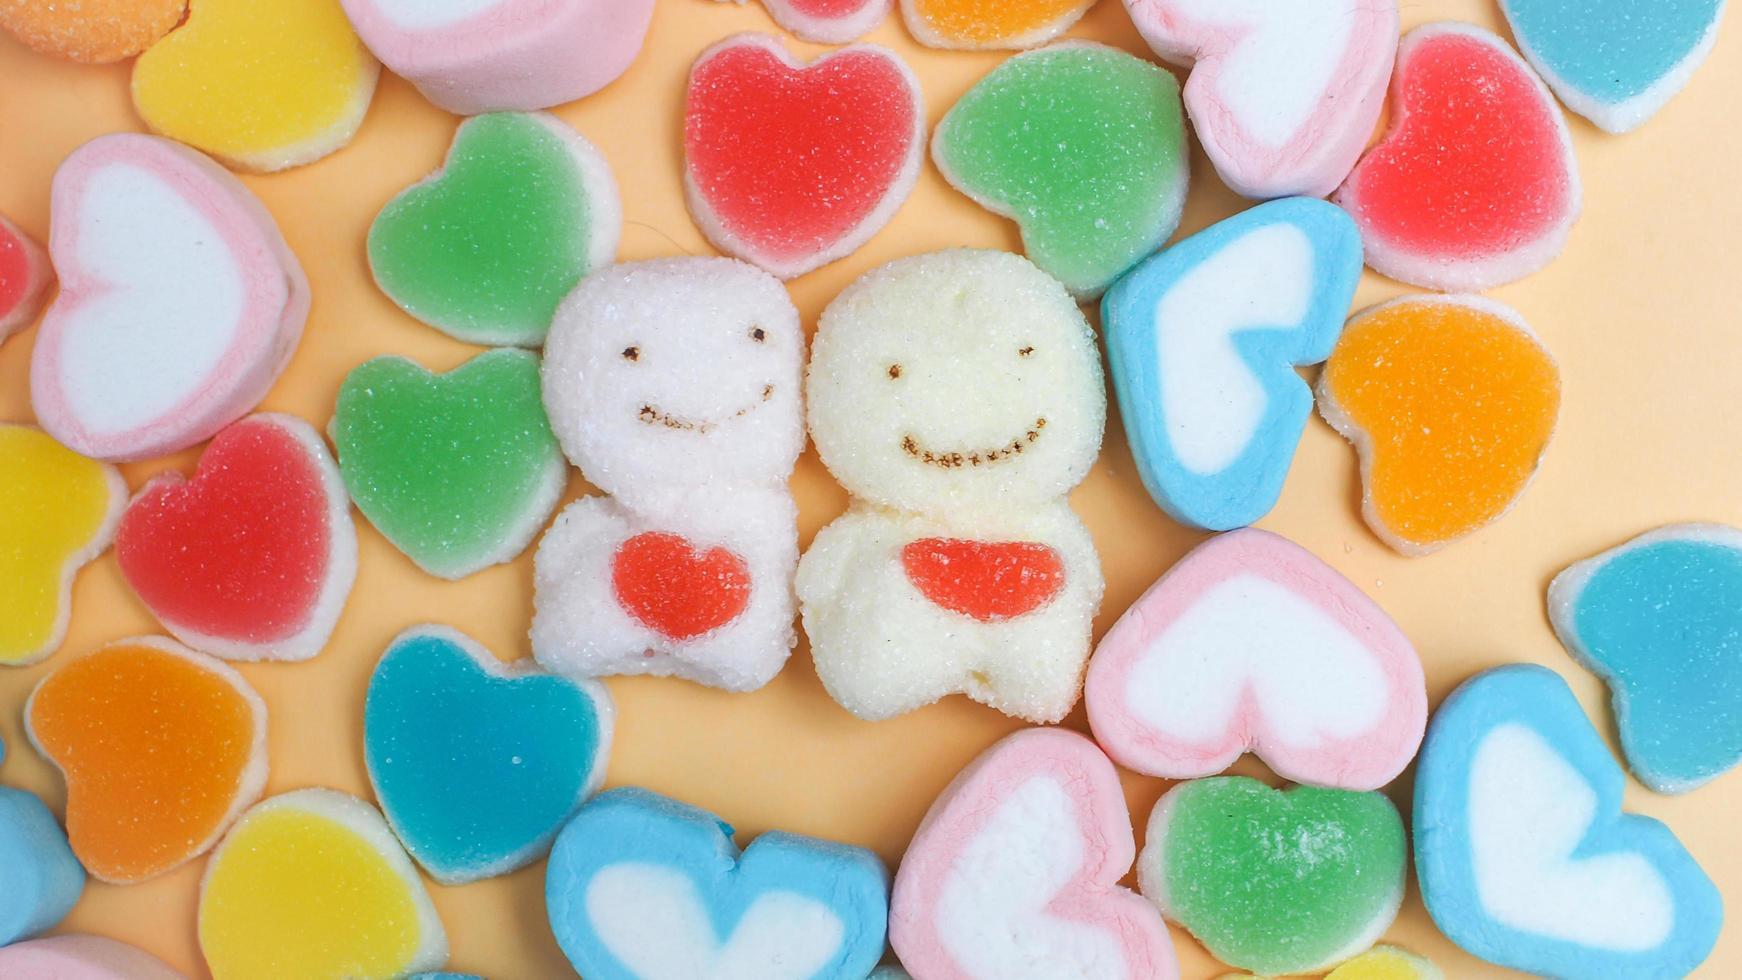 lindos caramelos de gelatina foto